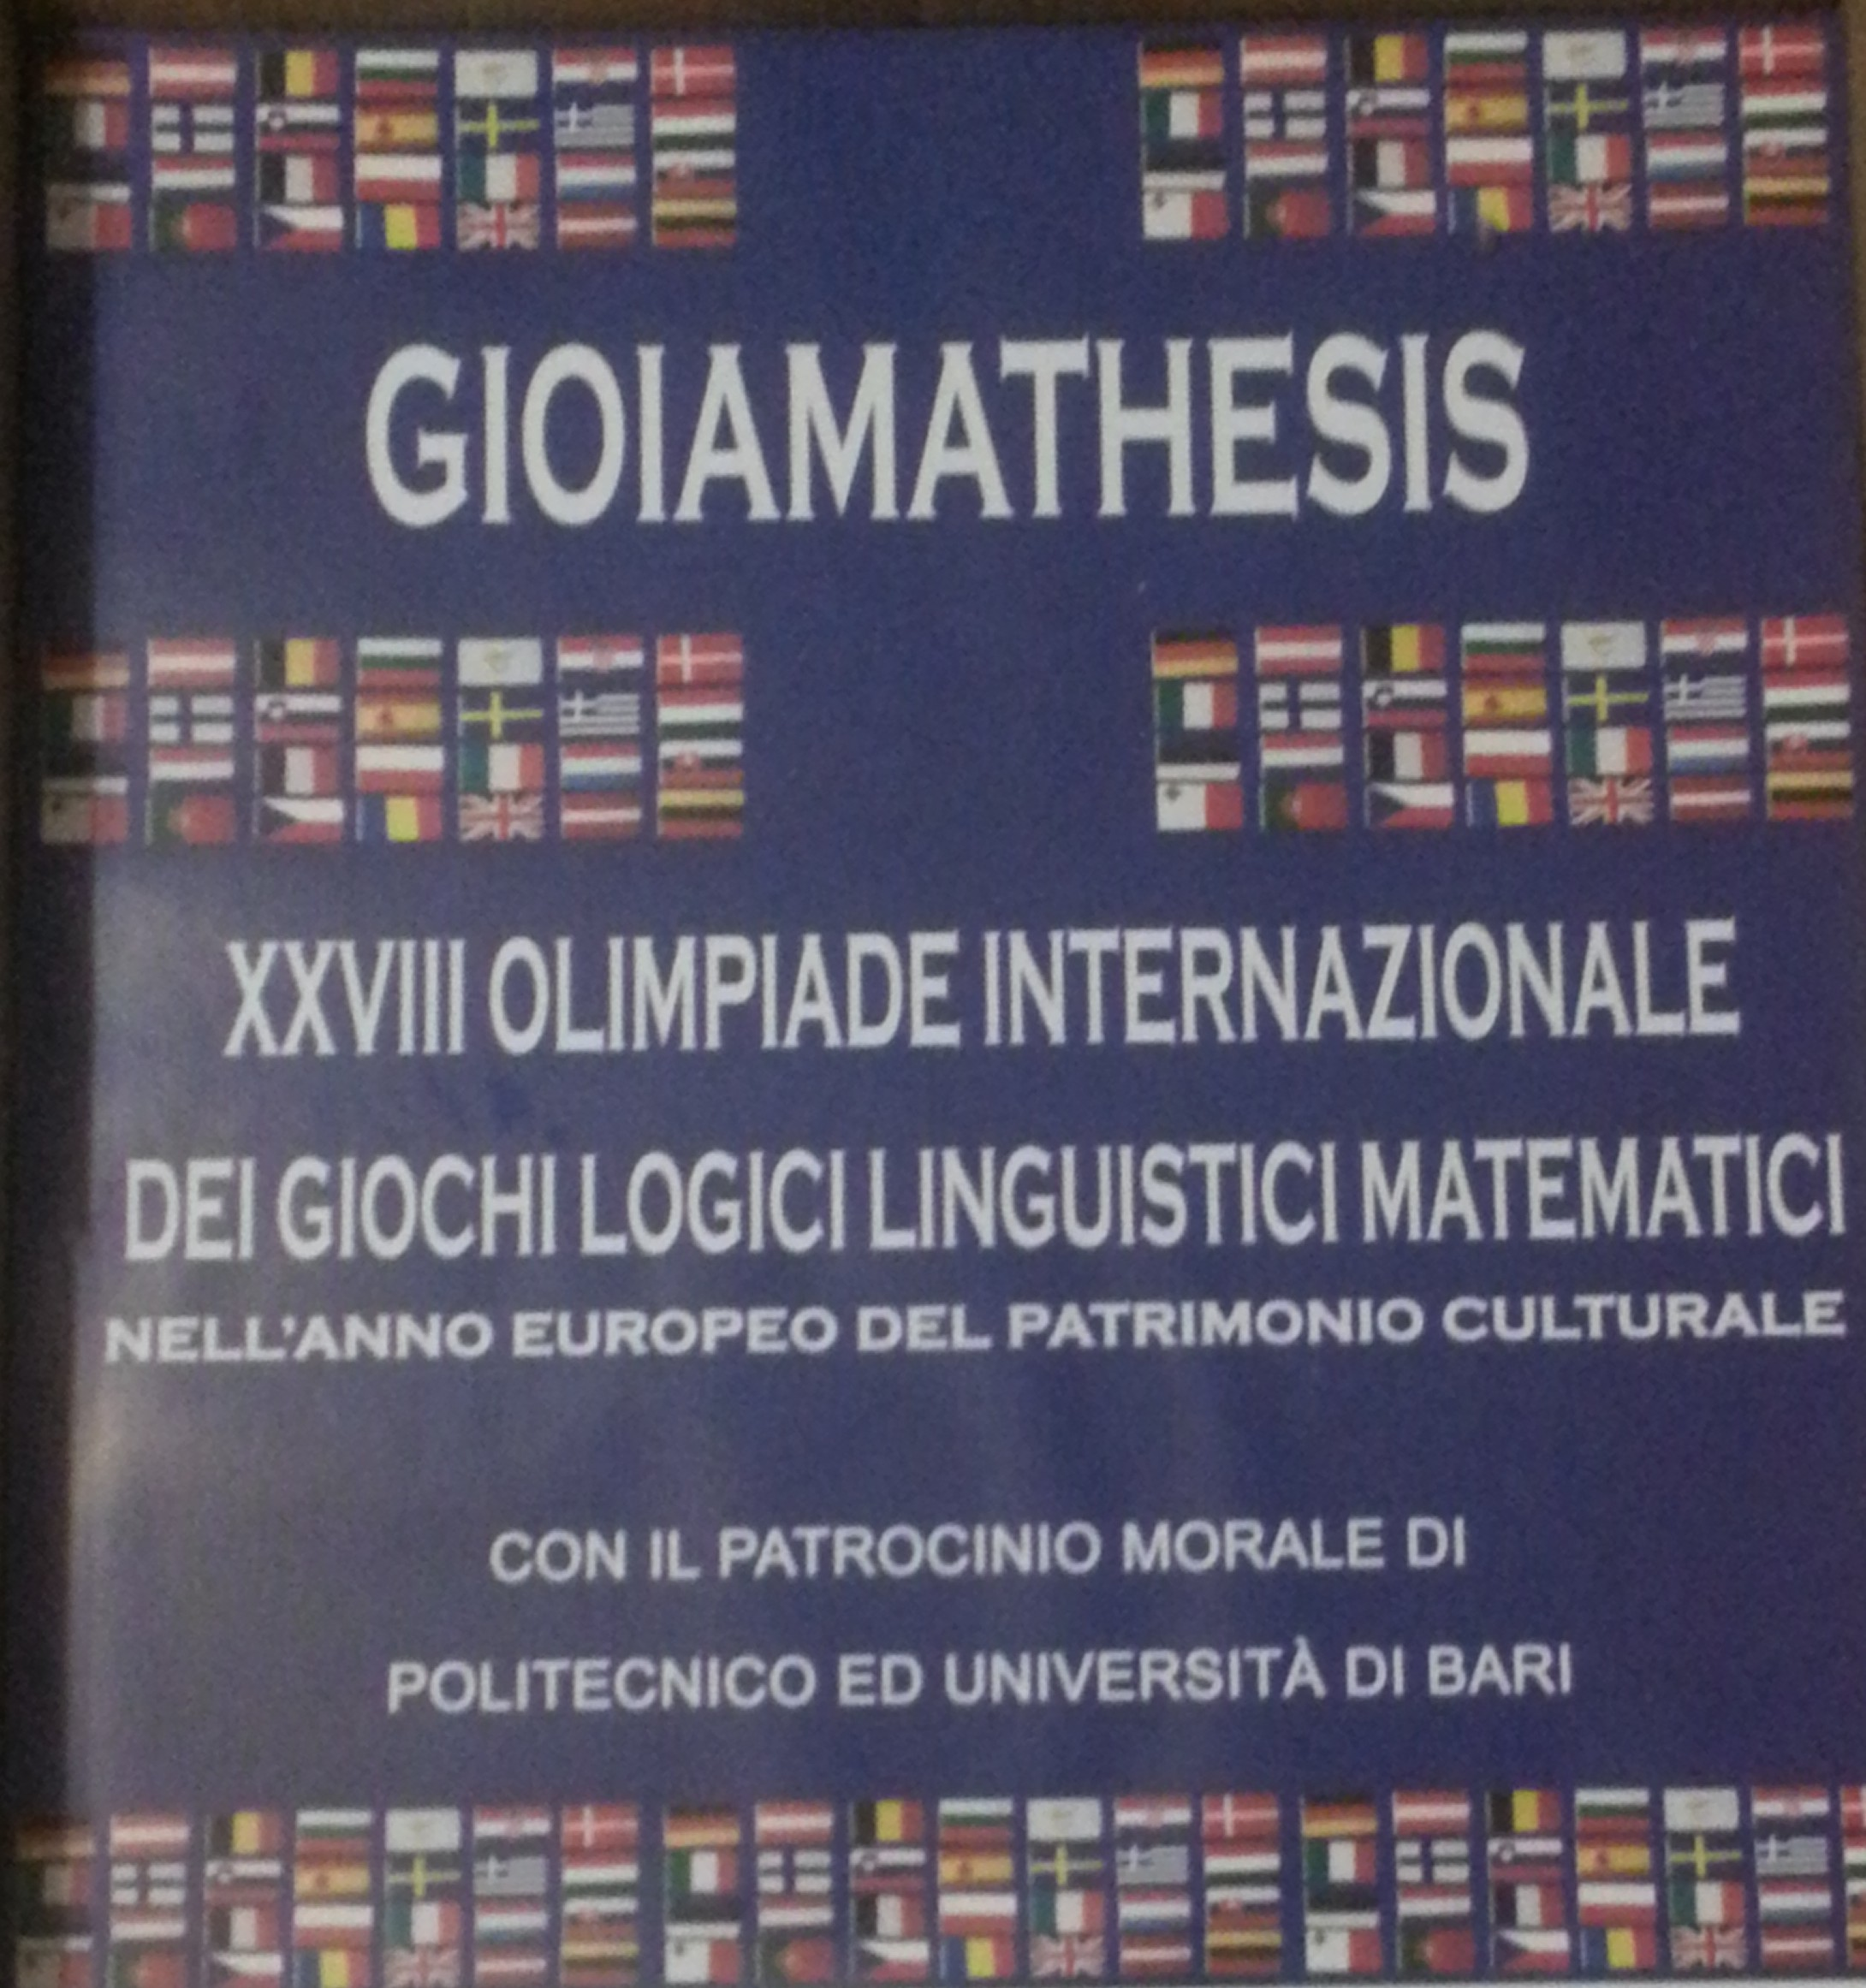 gioiamathesis test Cari ragazzi e cari lettori, ho trovato sul sito di gioiamathesis questa bella risorsa,   test di ingresso di matematica per la 1° media.